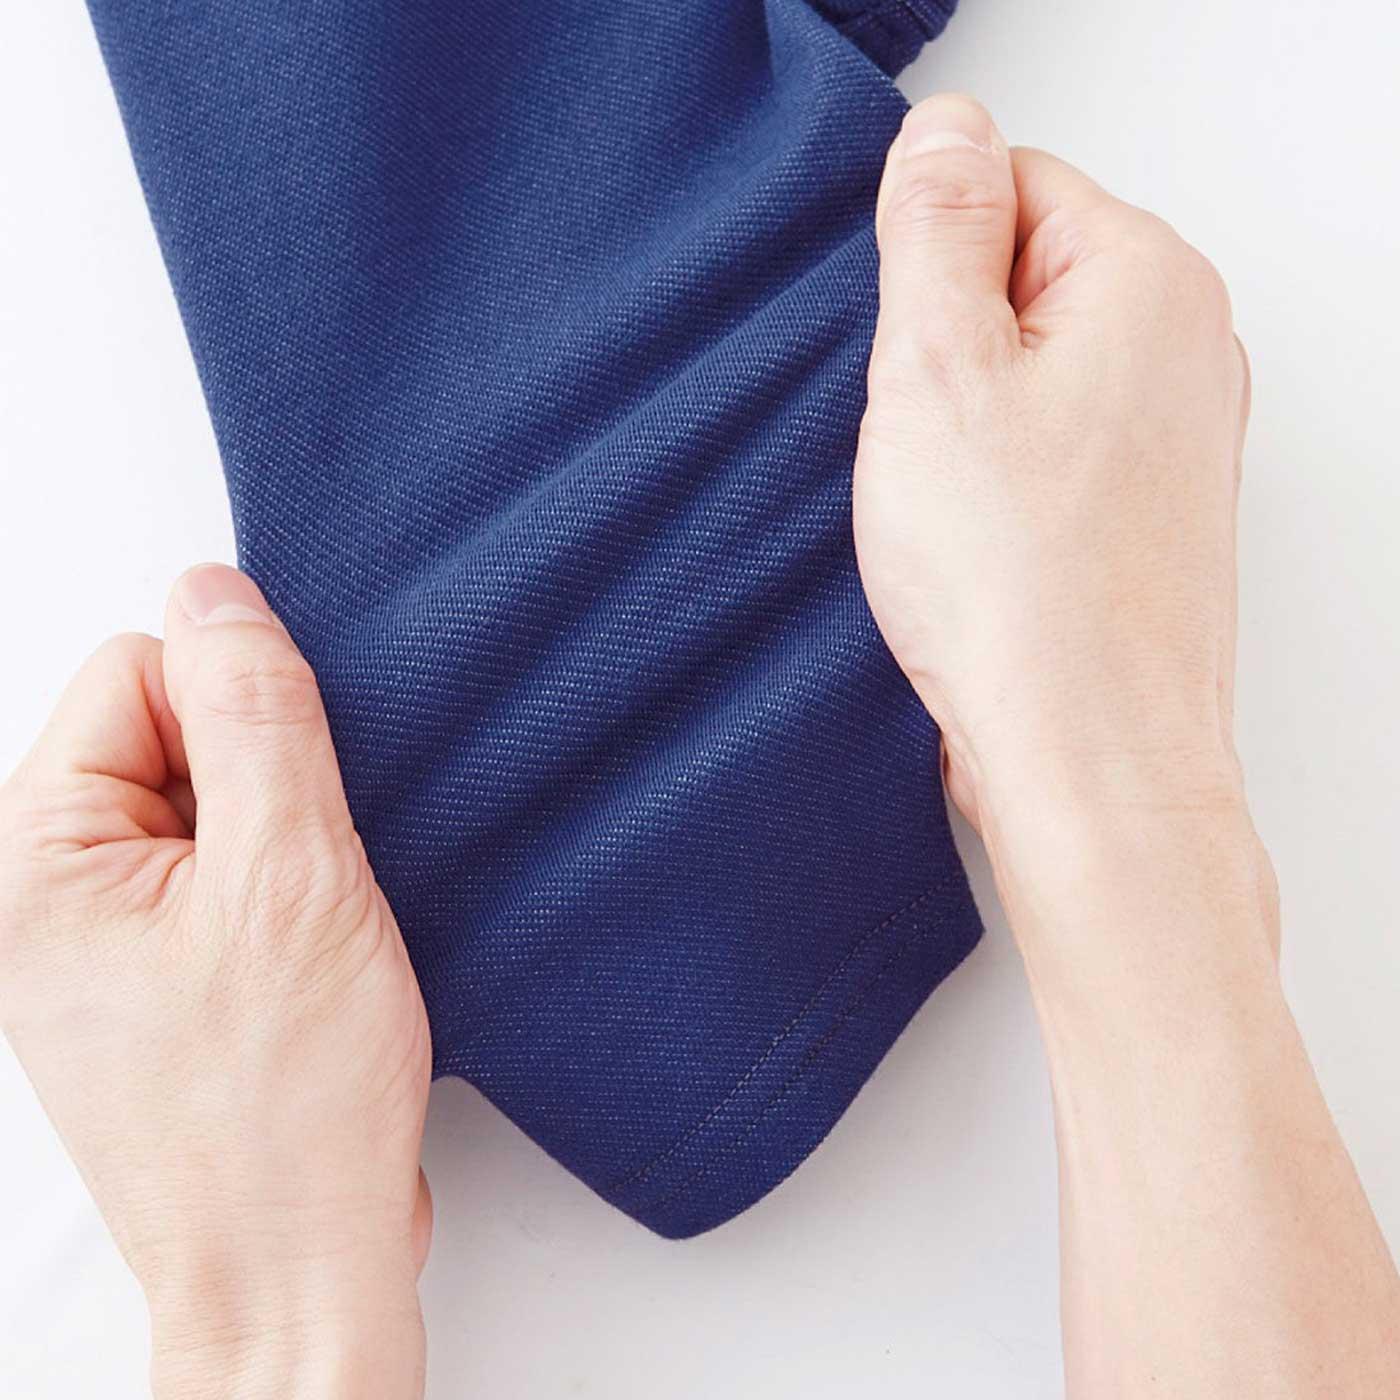 デニムに見えて、実は伸びのいいカットソー素材。硬いパンツが苦手な子にも!